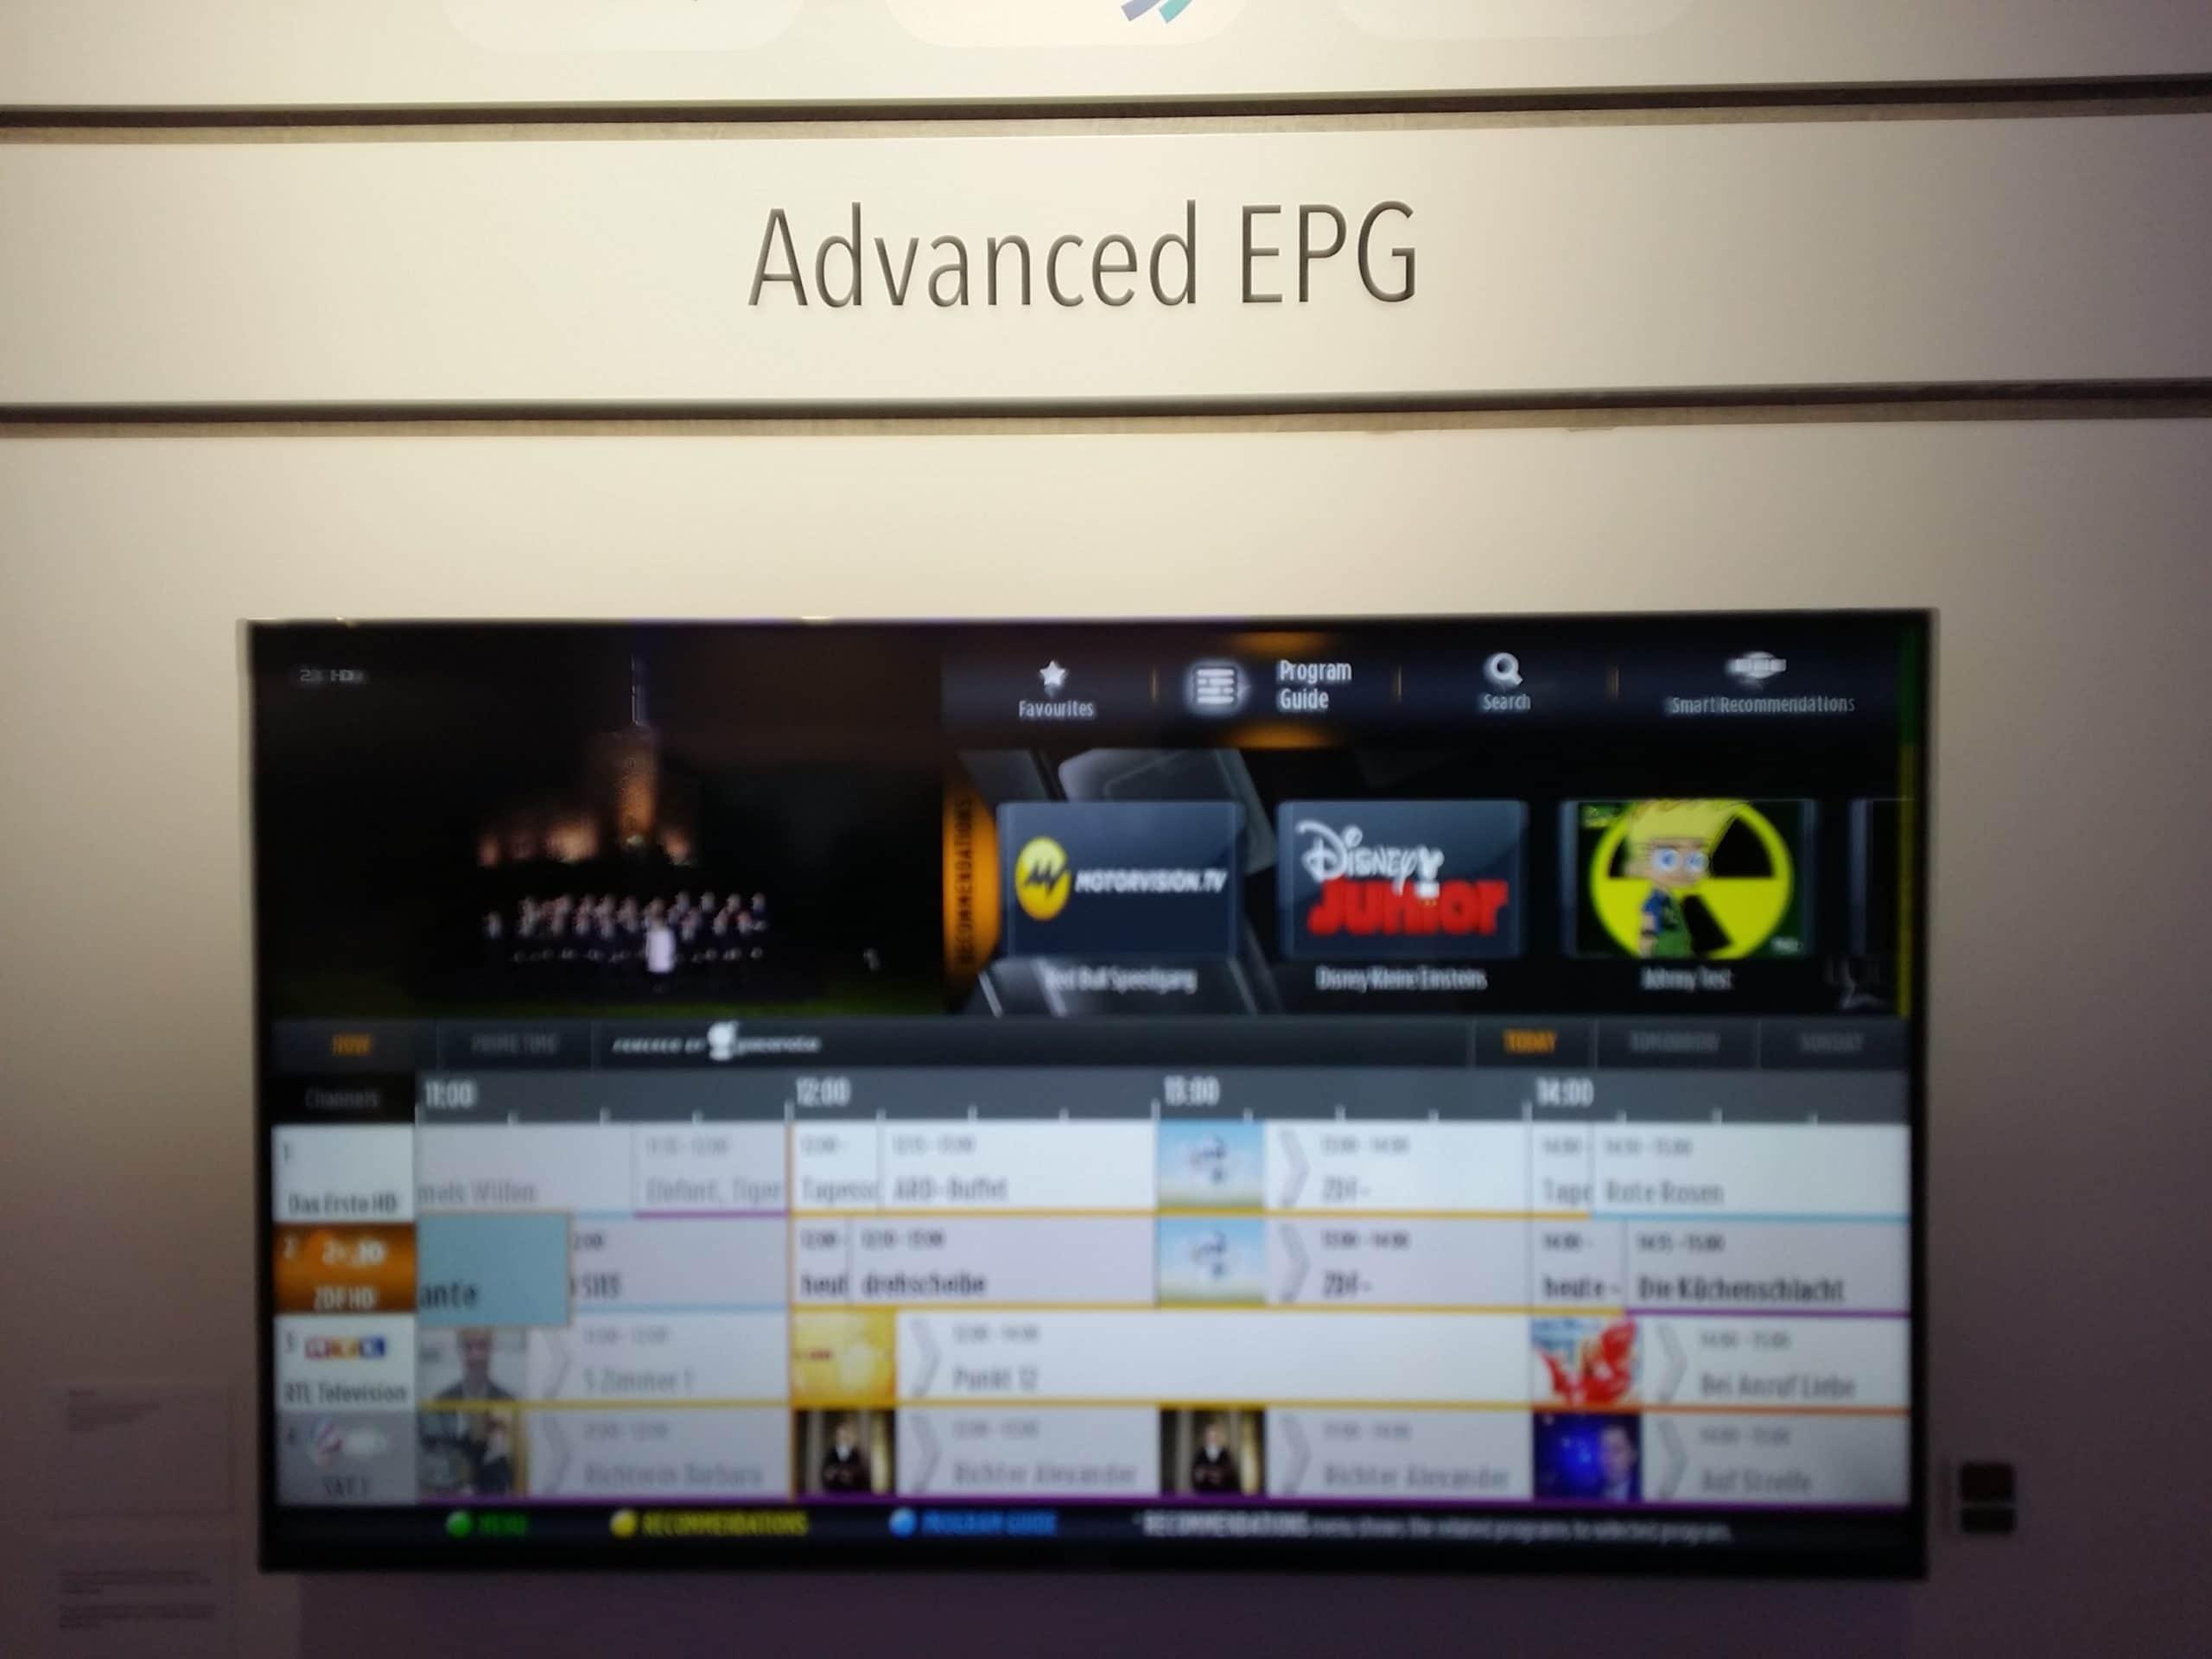 Advanced EPG